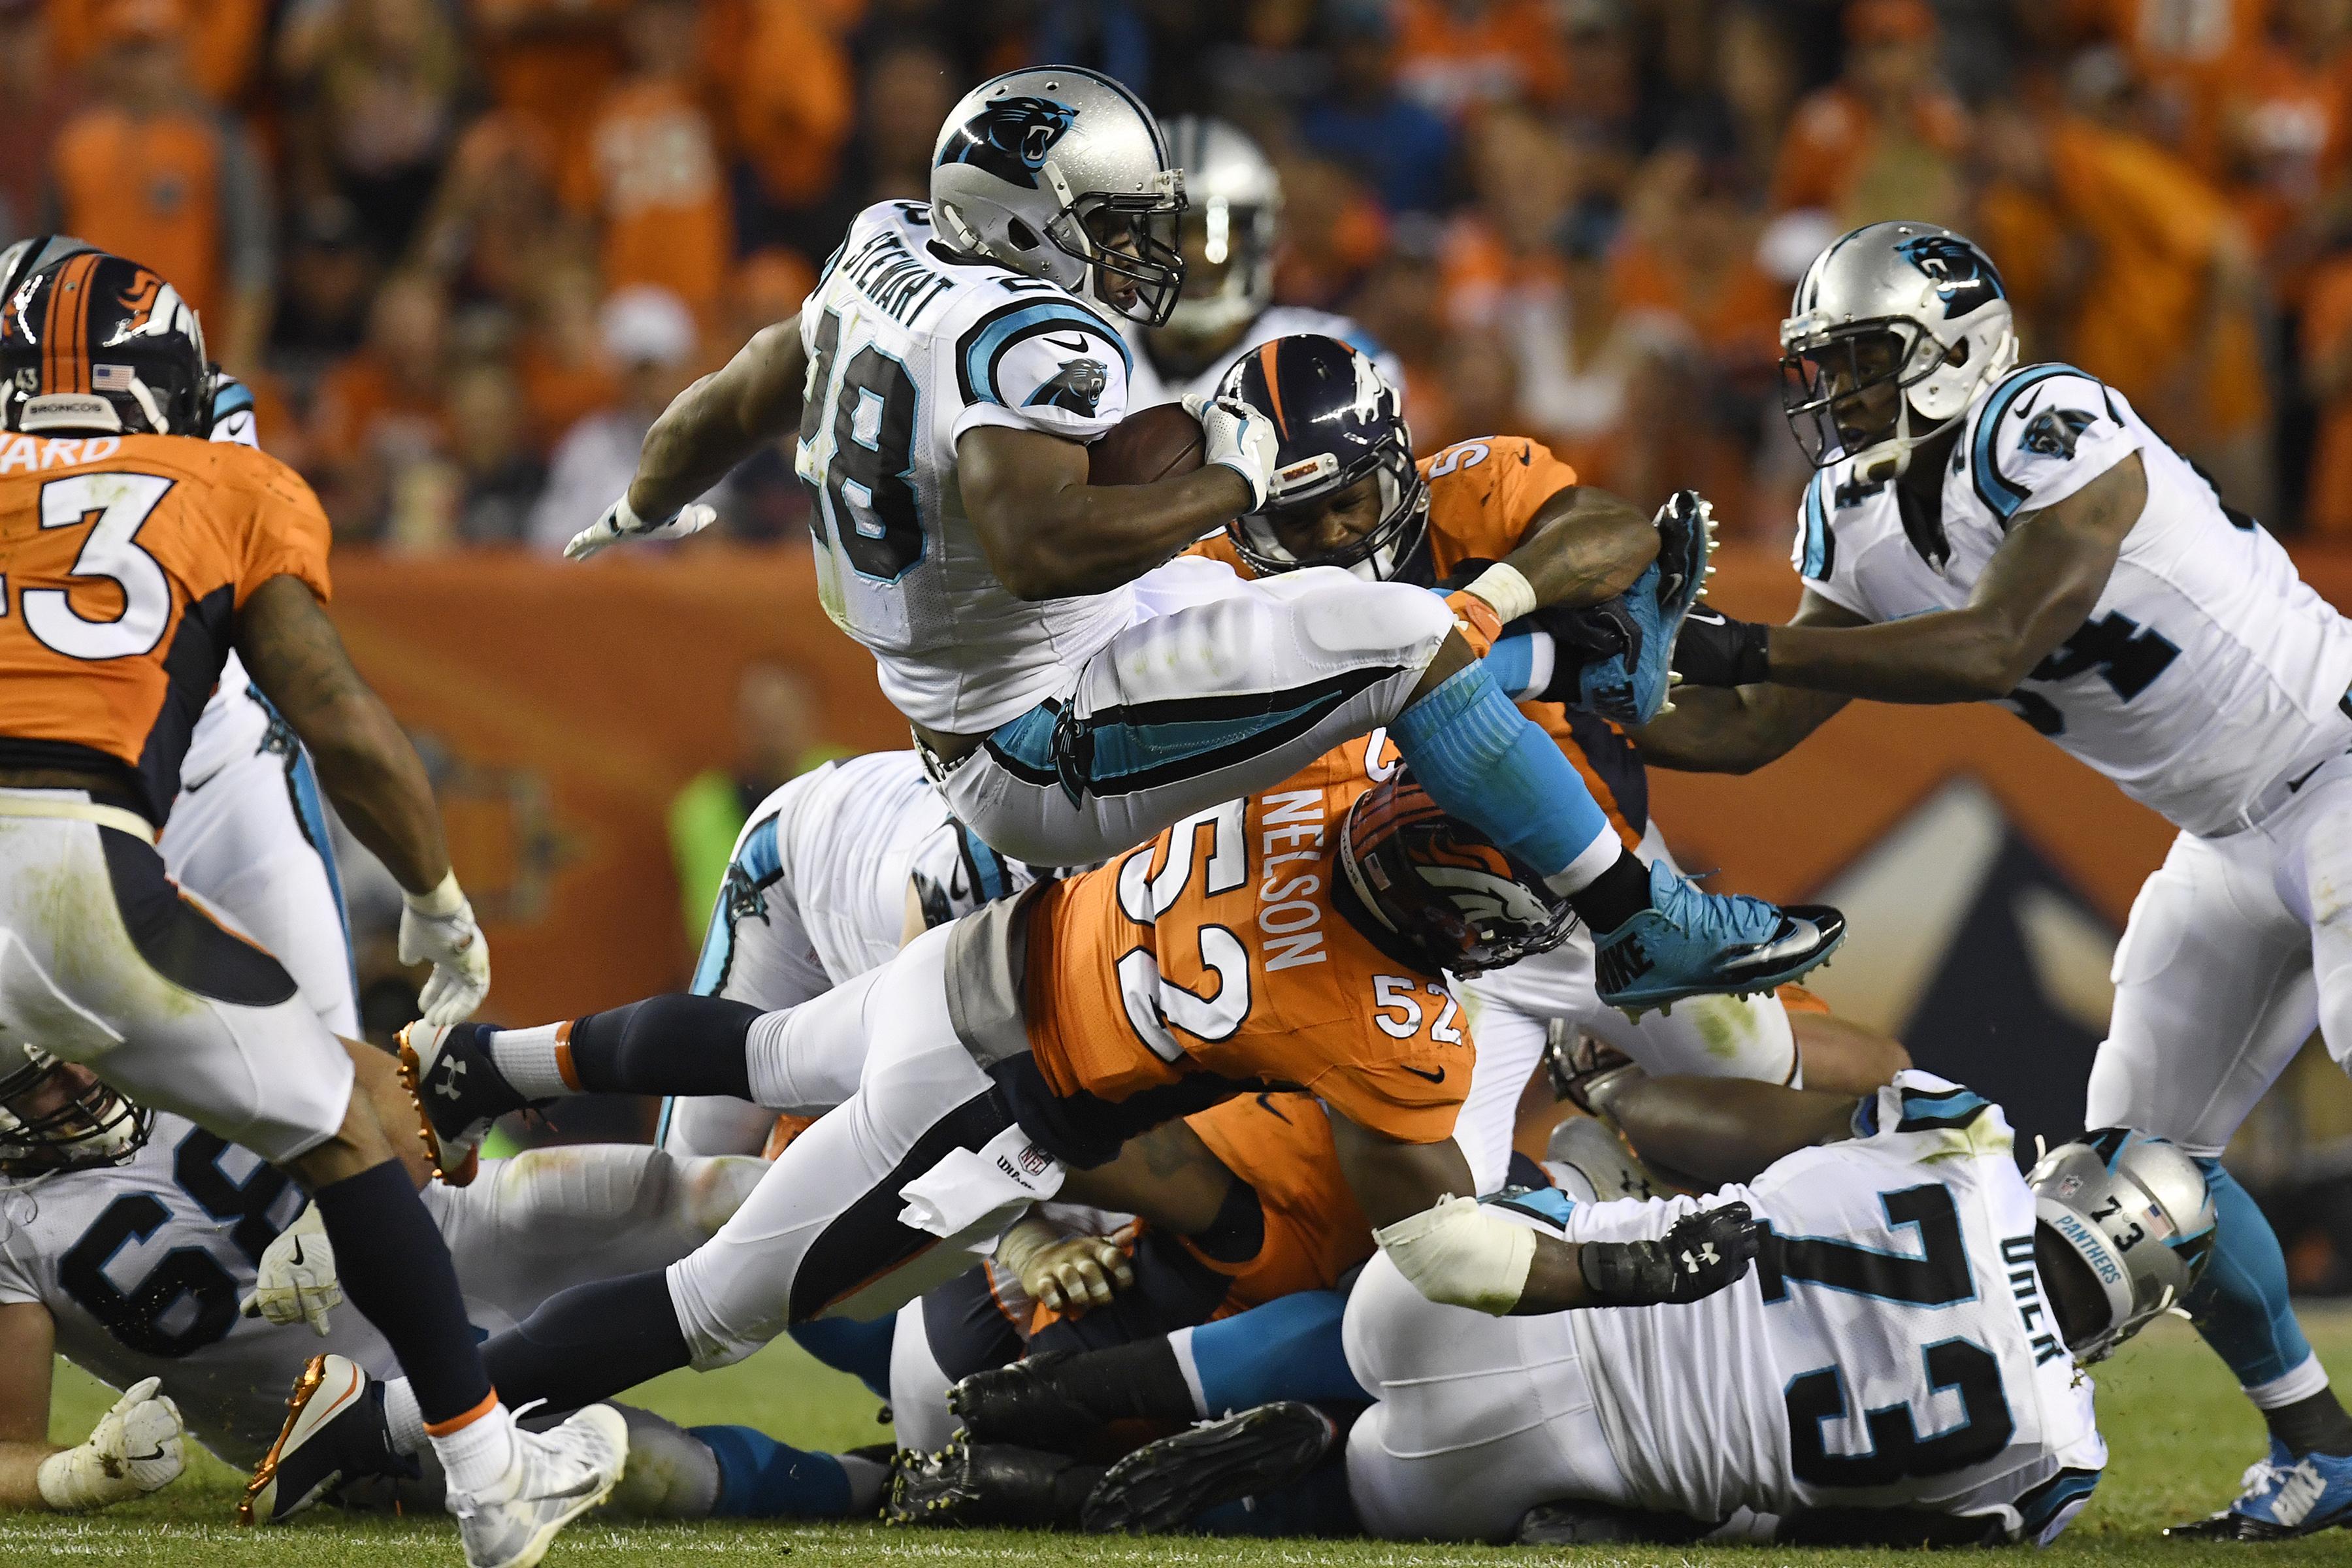 Denver Broncos vs. Carolina Panthers, NFL Week 1